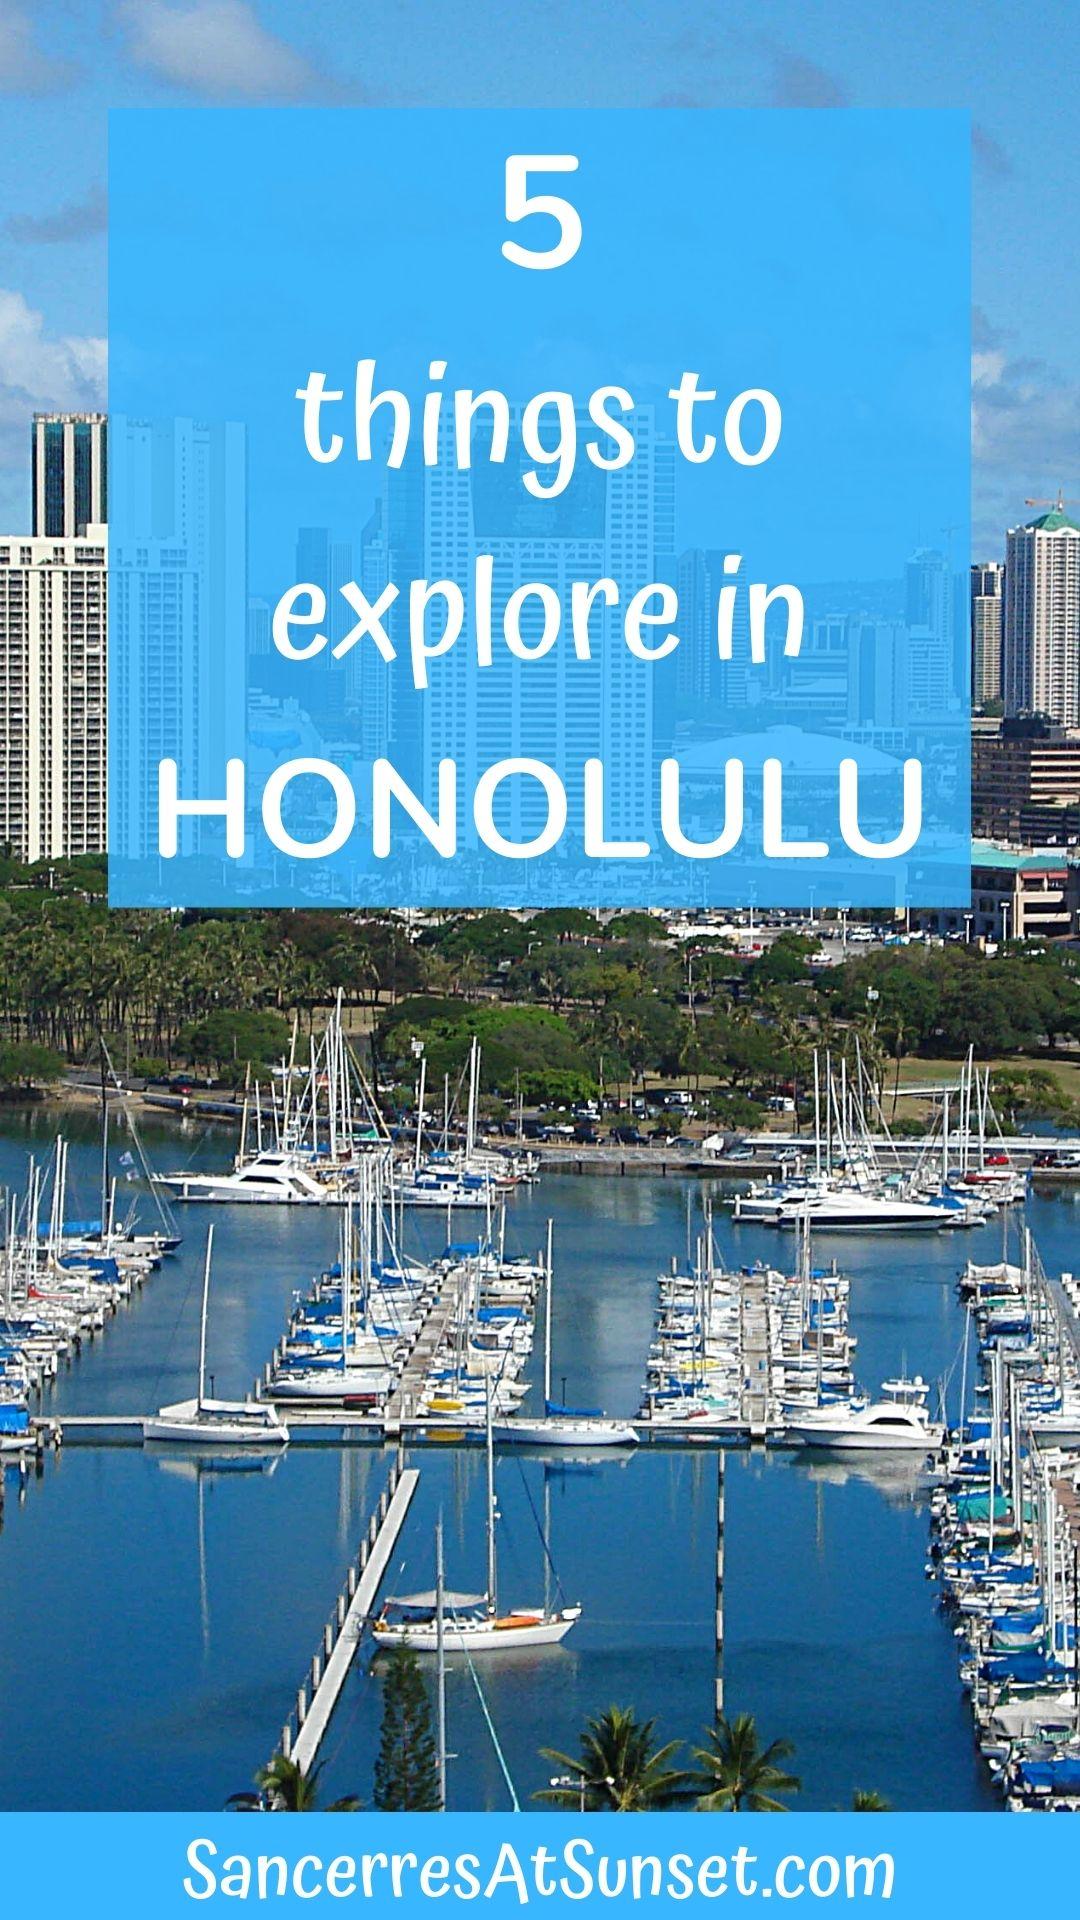 Five Things to Explore in Honolulu